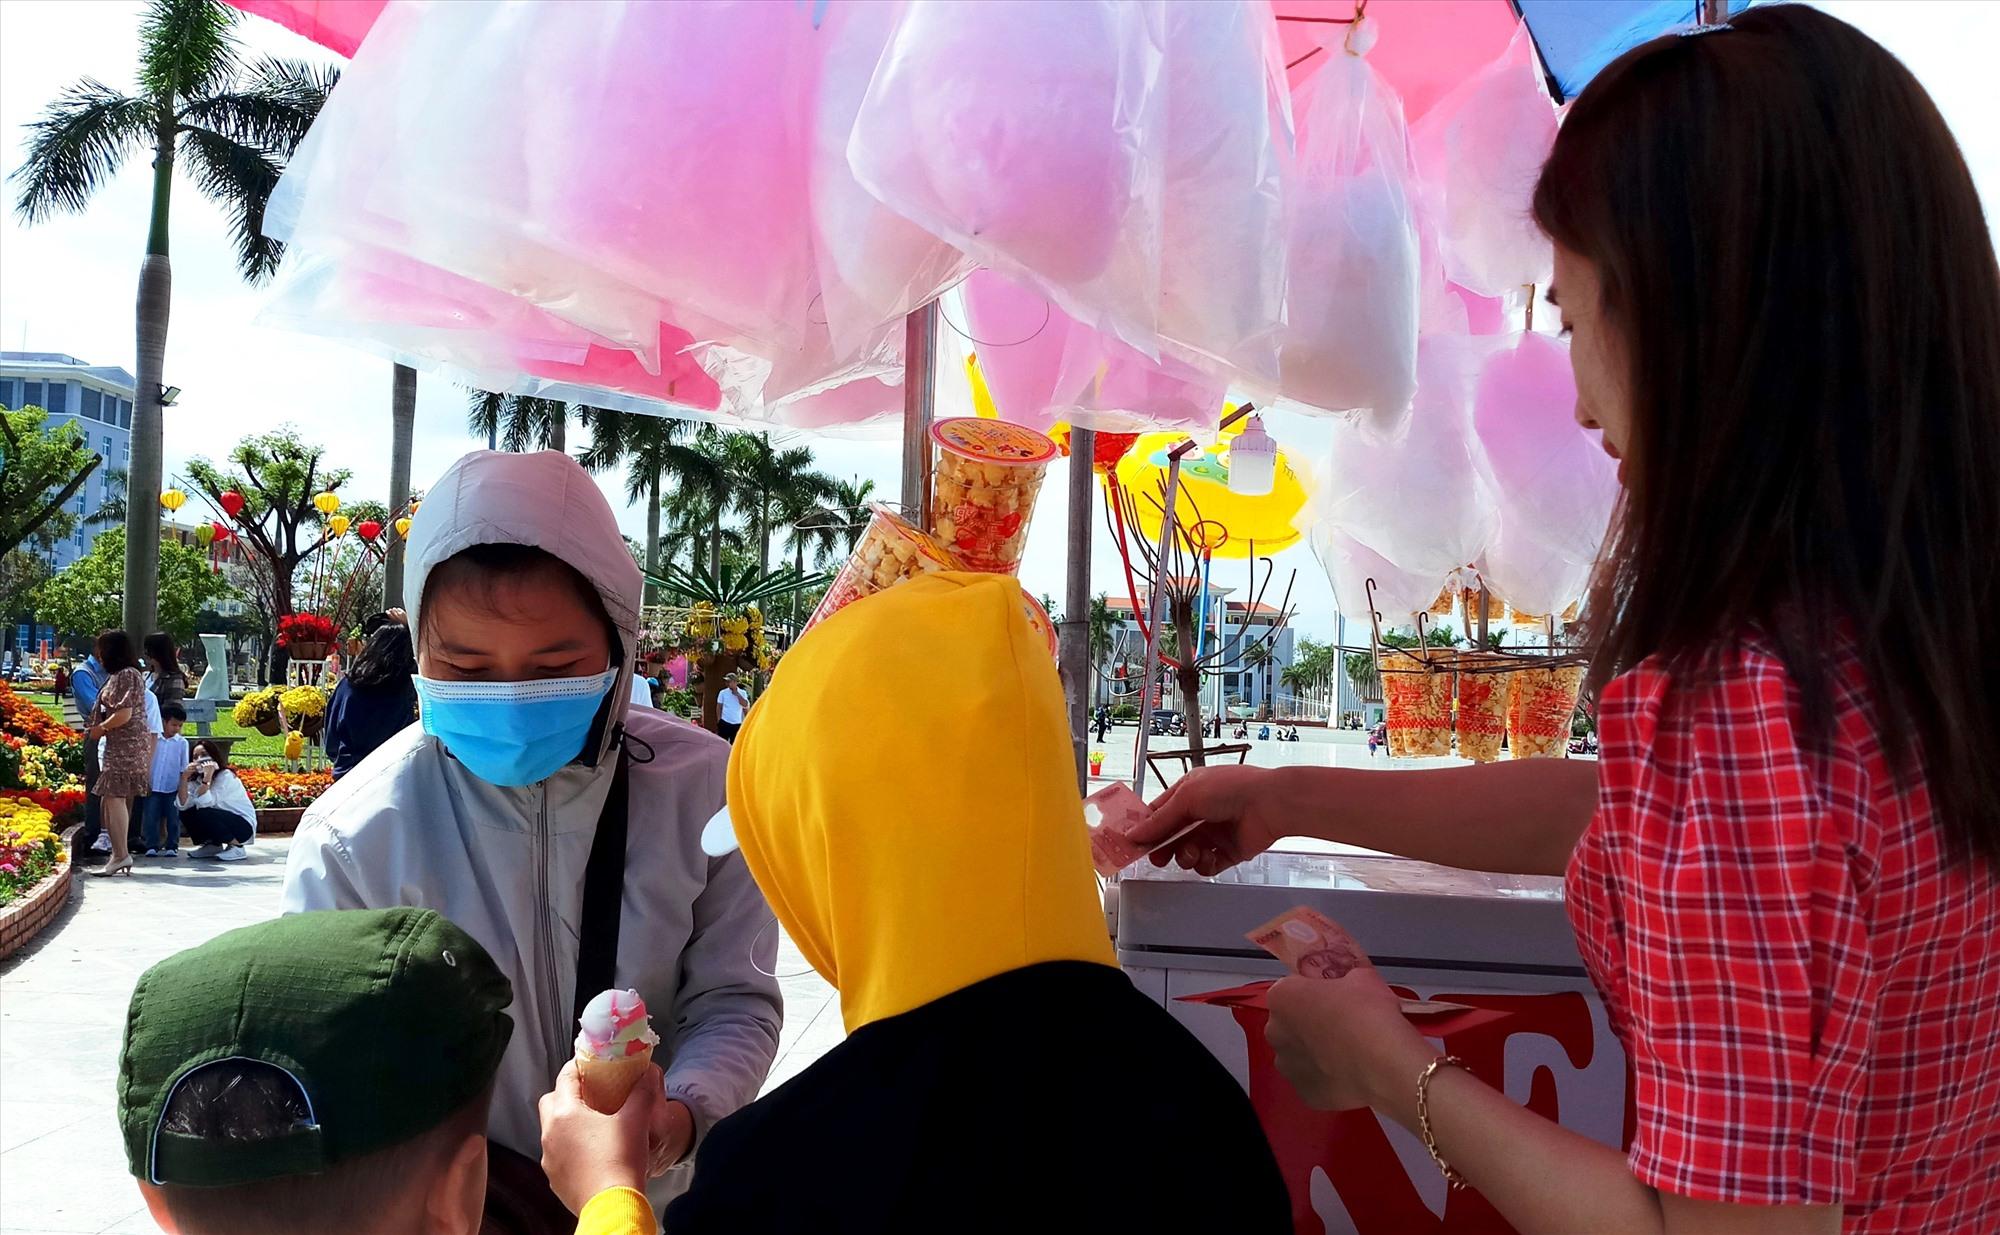 """Không chỉ người bán bong bóng dạo, những ngày tết, ở Quảng trường 24.3 """"hội tụ"""" rất nhiều người tìm đến để mưu sinh. Trong ảnh, một người phụ nữ dùng xe đẩy bán kem cho du khách. Ảnh: Đ.N"""